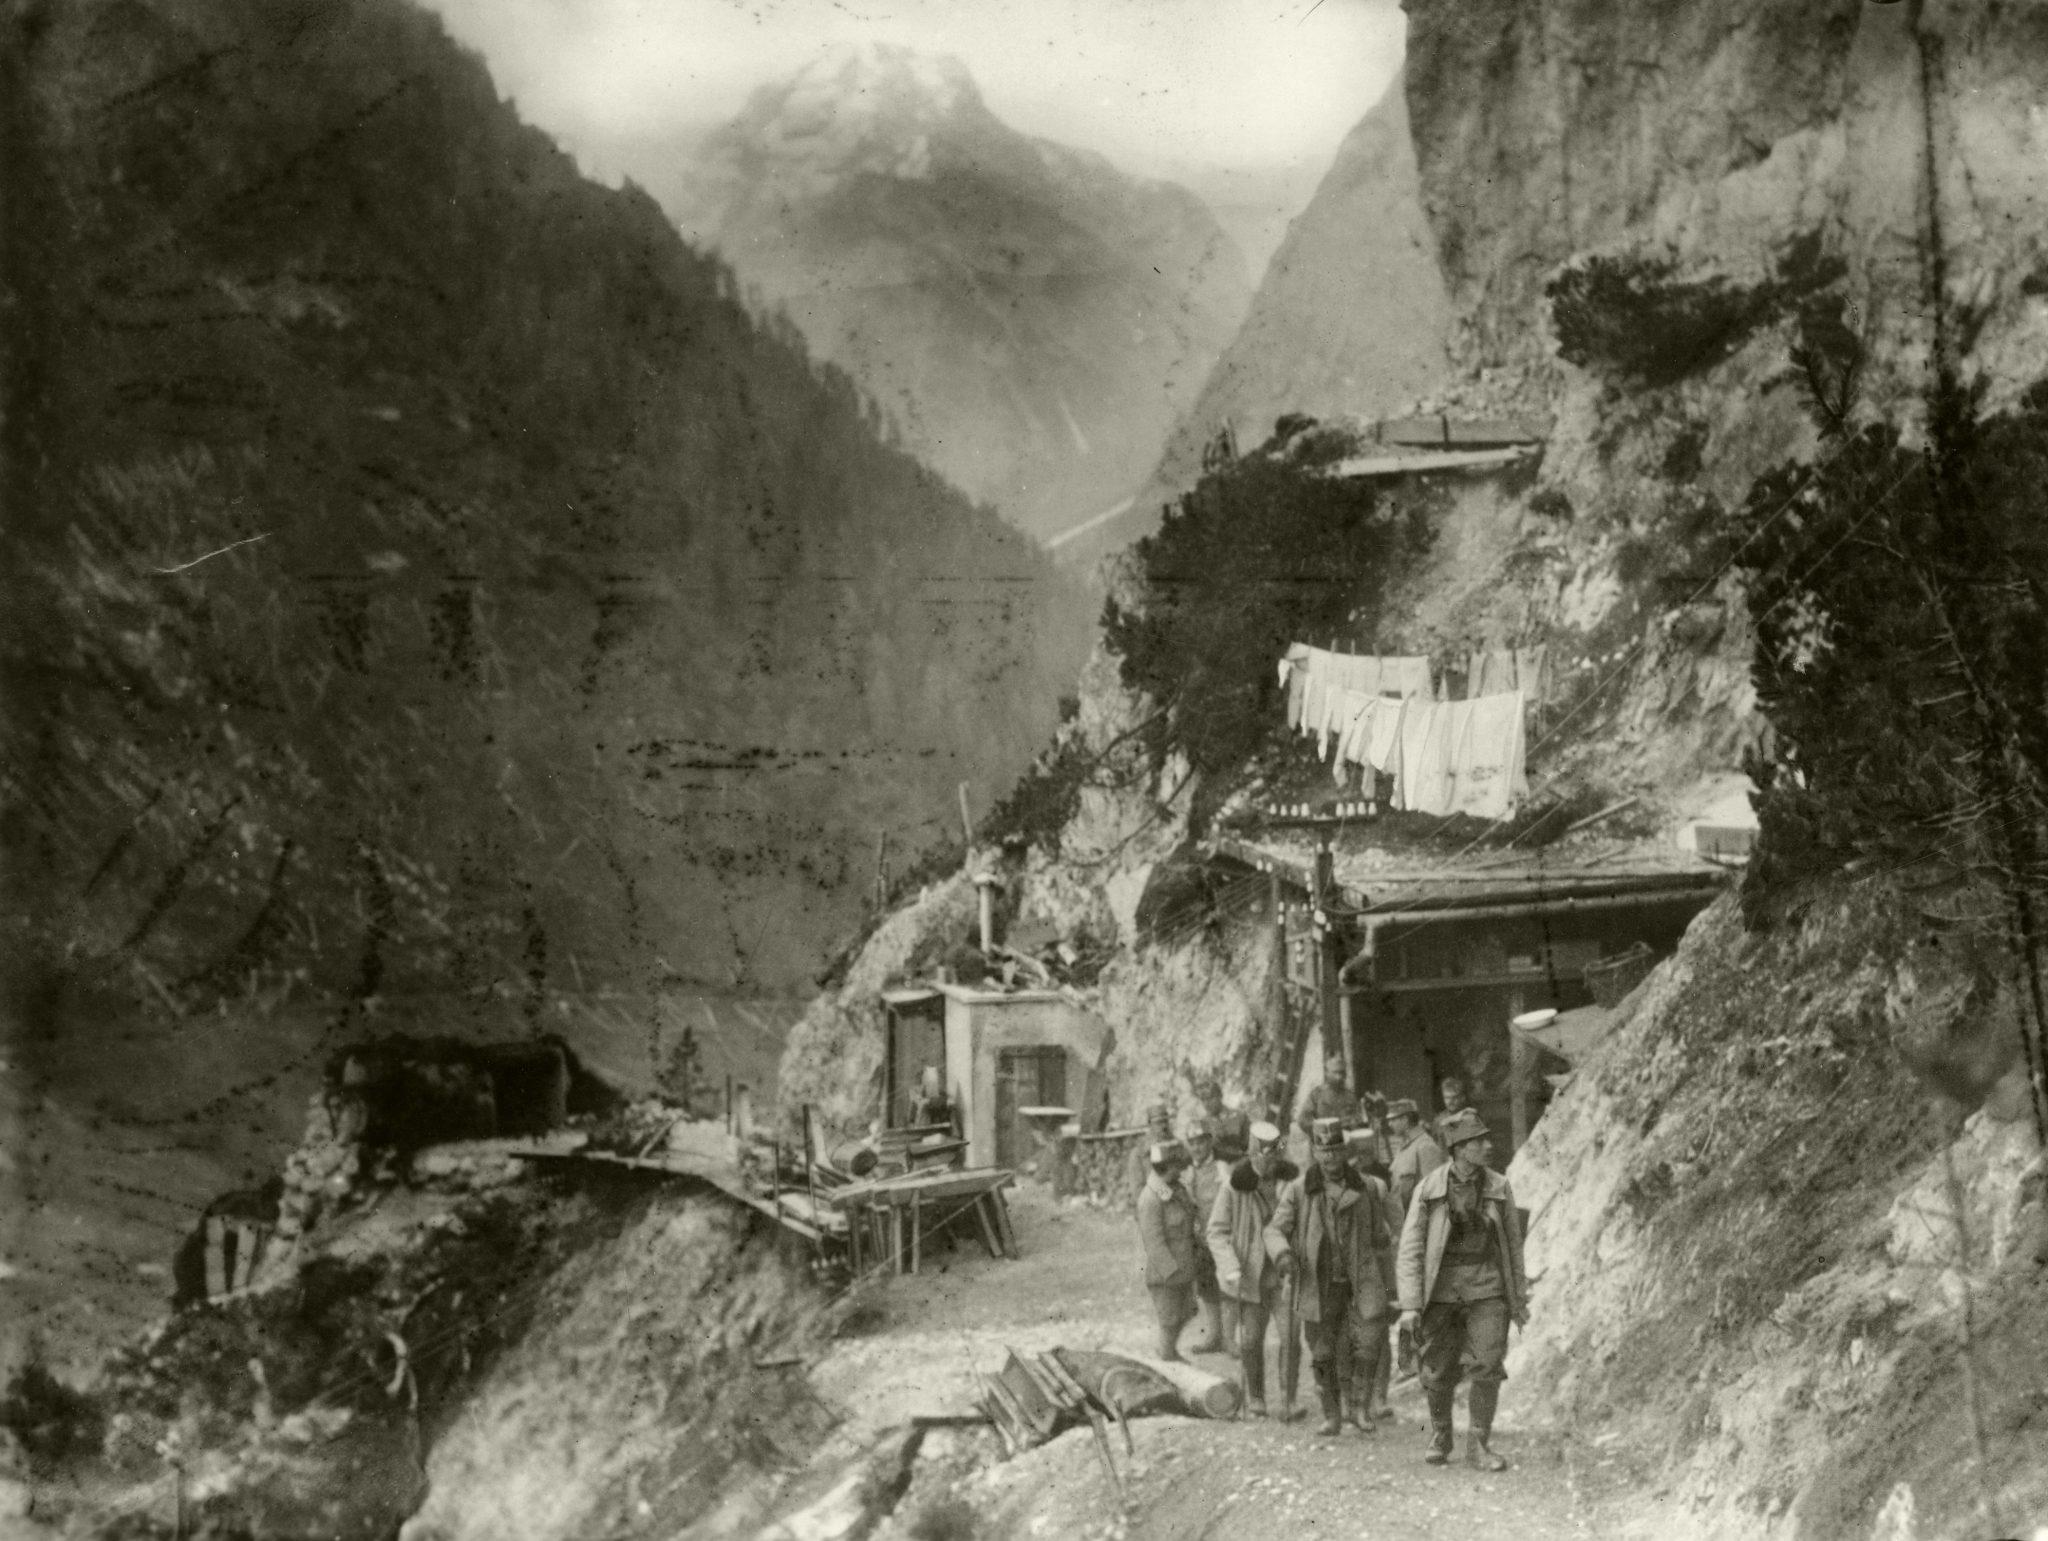 Österreichisch-ungarische Stellung in den italienischen Alpen während des Ersten Weltkriegs Foto: picture alliance/akg-images